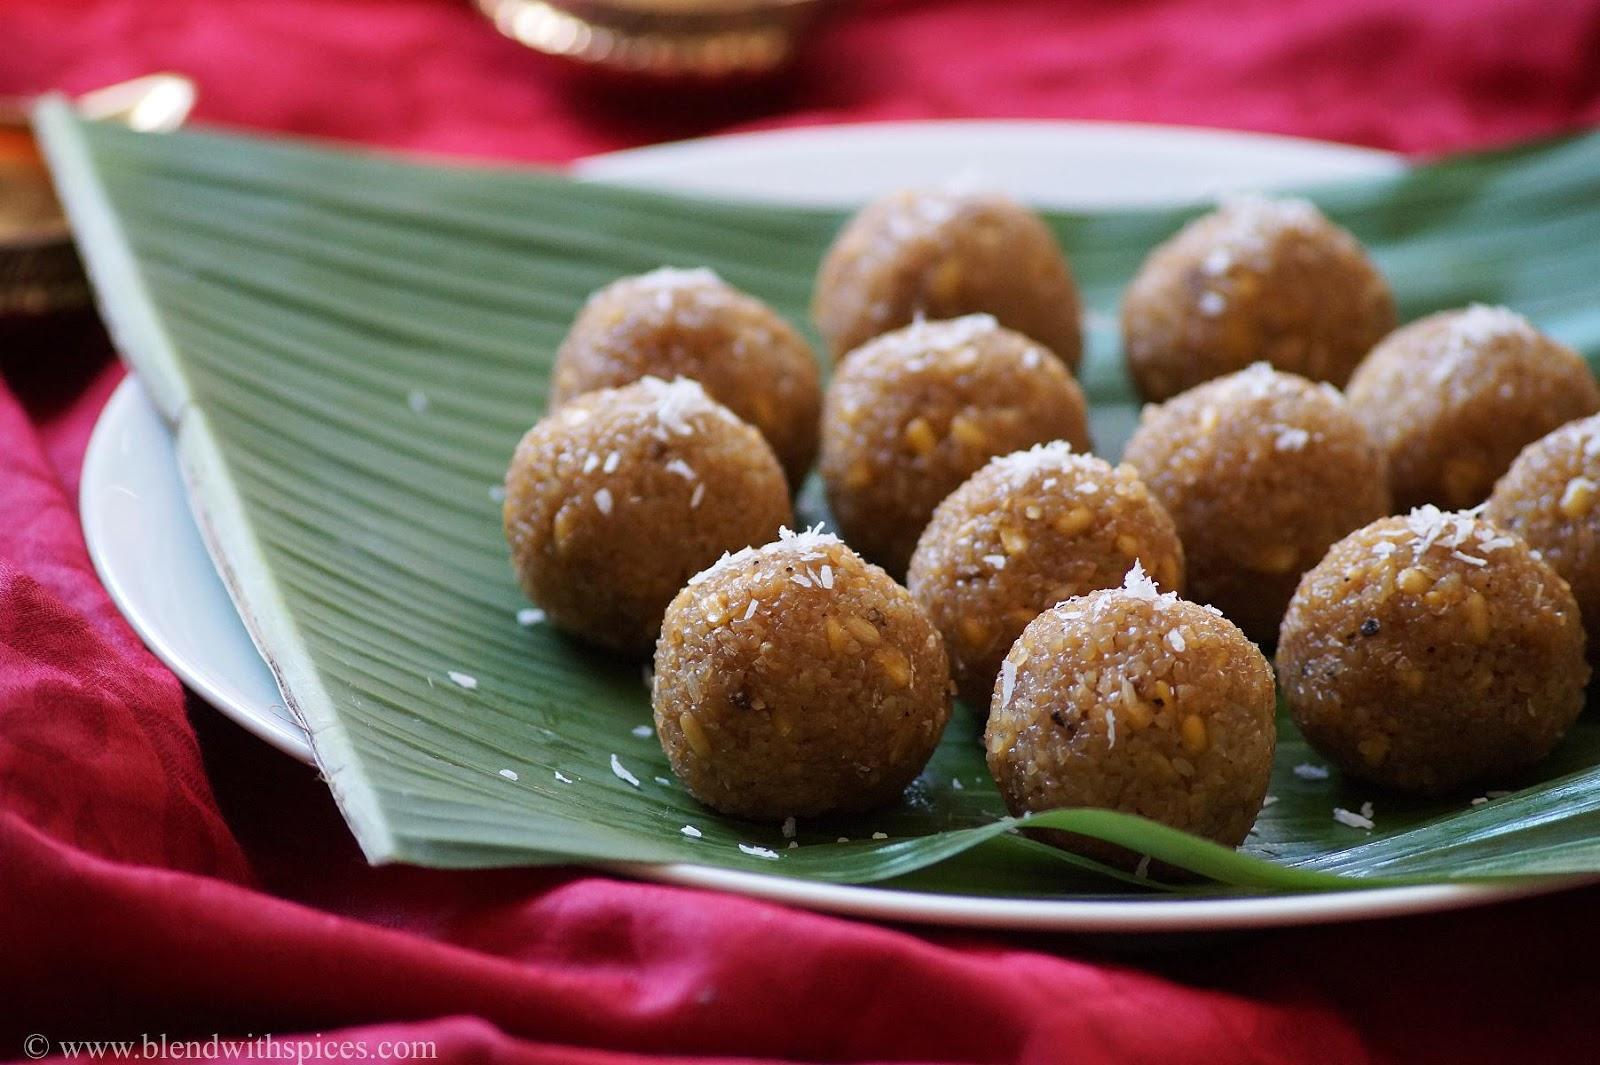 sweet undrallu with godhuma rava, vinayaka chavithi naivedyam recipes, blendwithspices.com